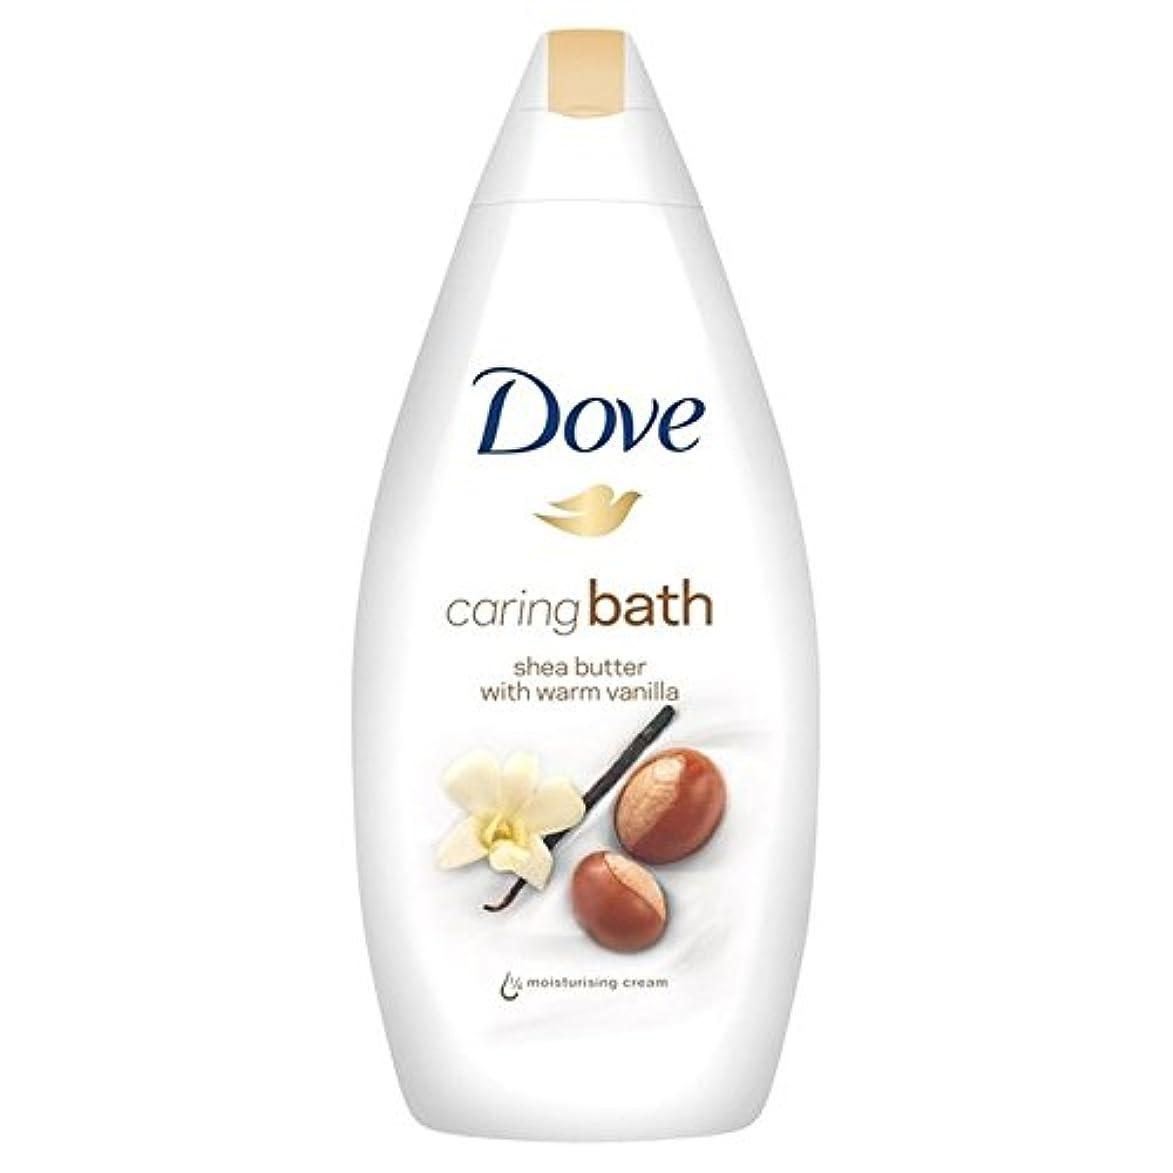 偽好き落ち着いてDove Purely Pampering Shea Butter Caring Cream Bath 500ml - 鳩純粋な贅沢シアバター思いやりのあるクリームバス500ミリリットル [並行輸入品]